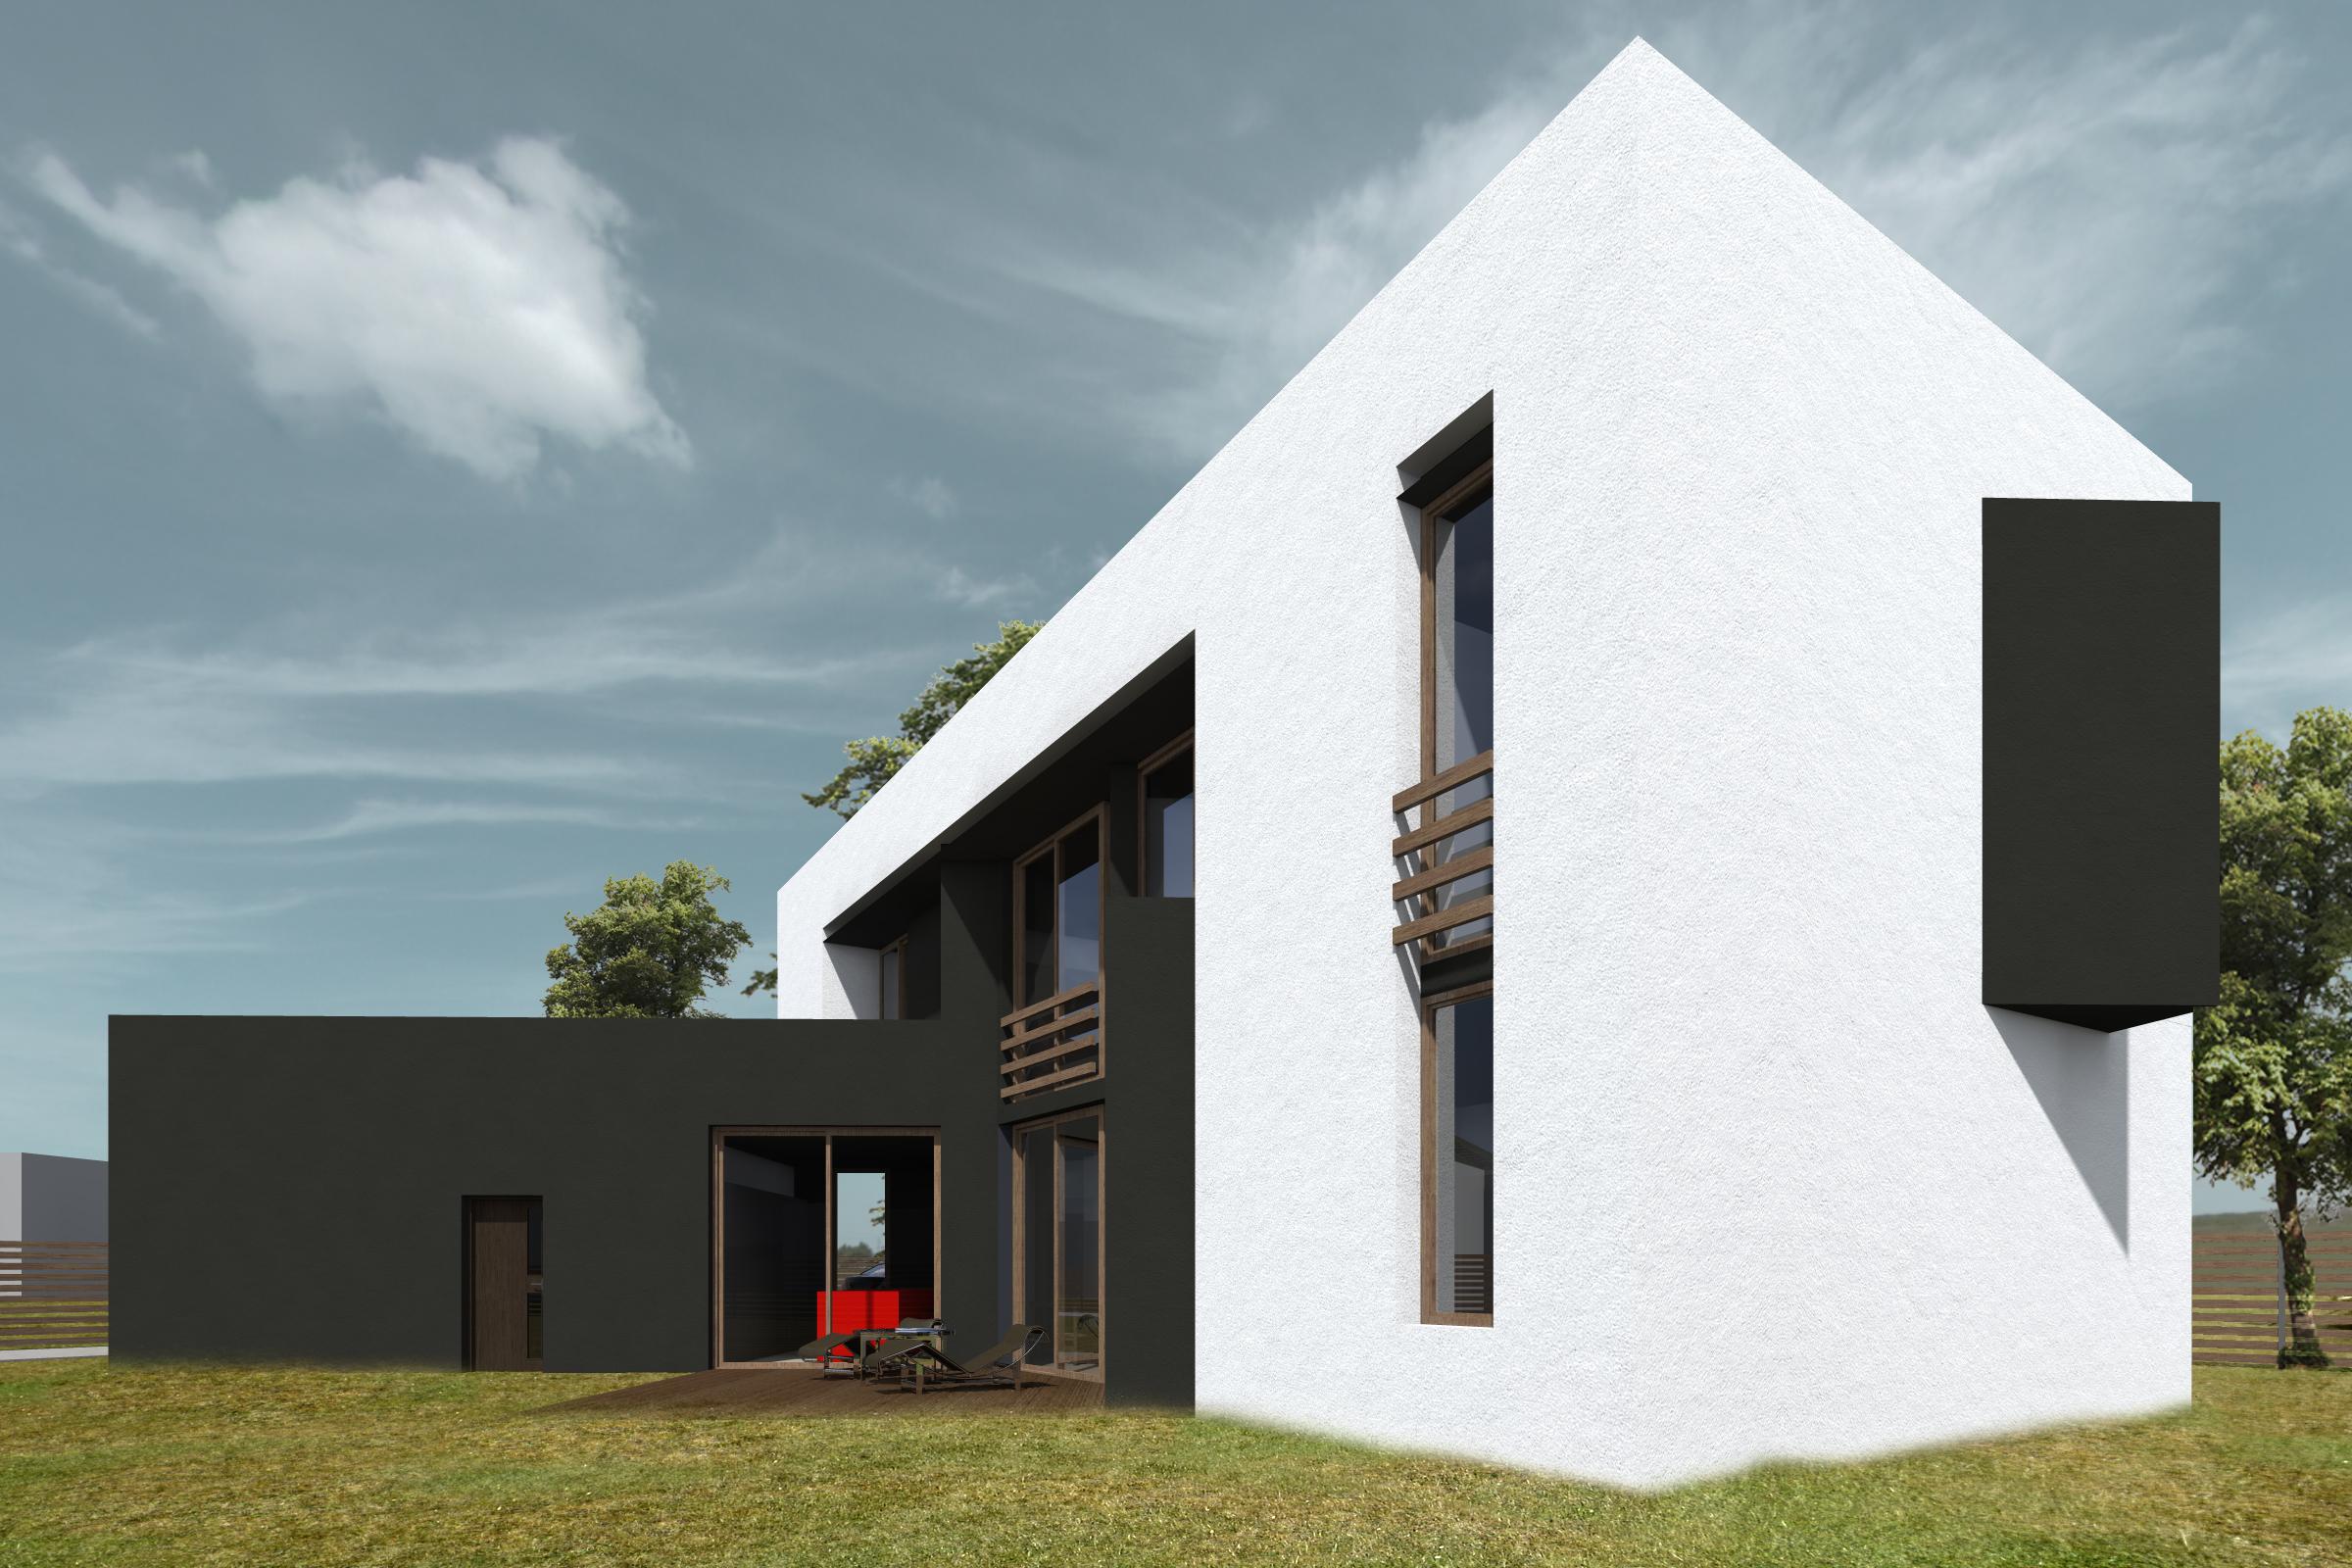 dom skrecony, widok od grodu, biuro projektowe, architekt slask